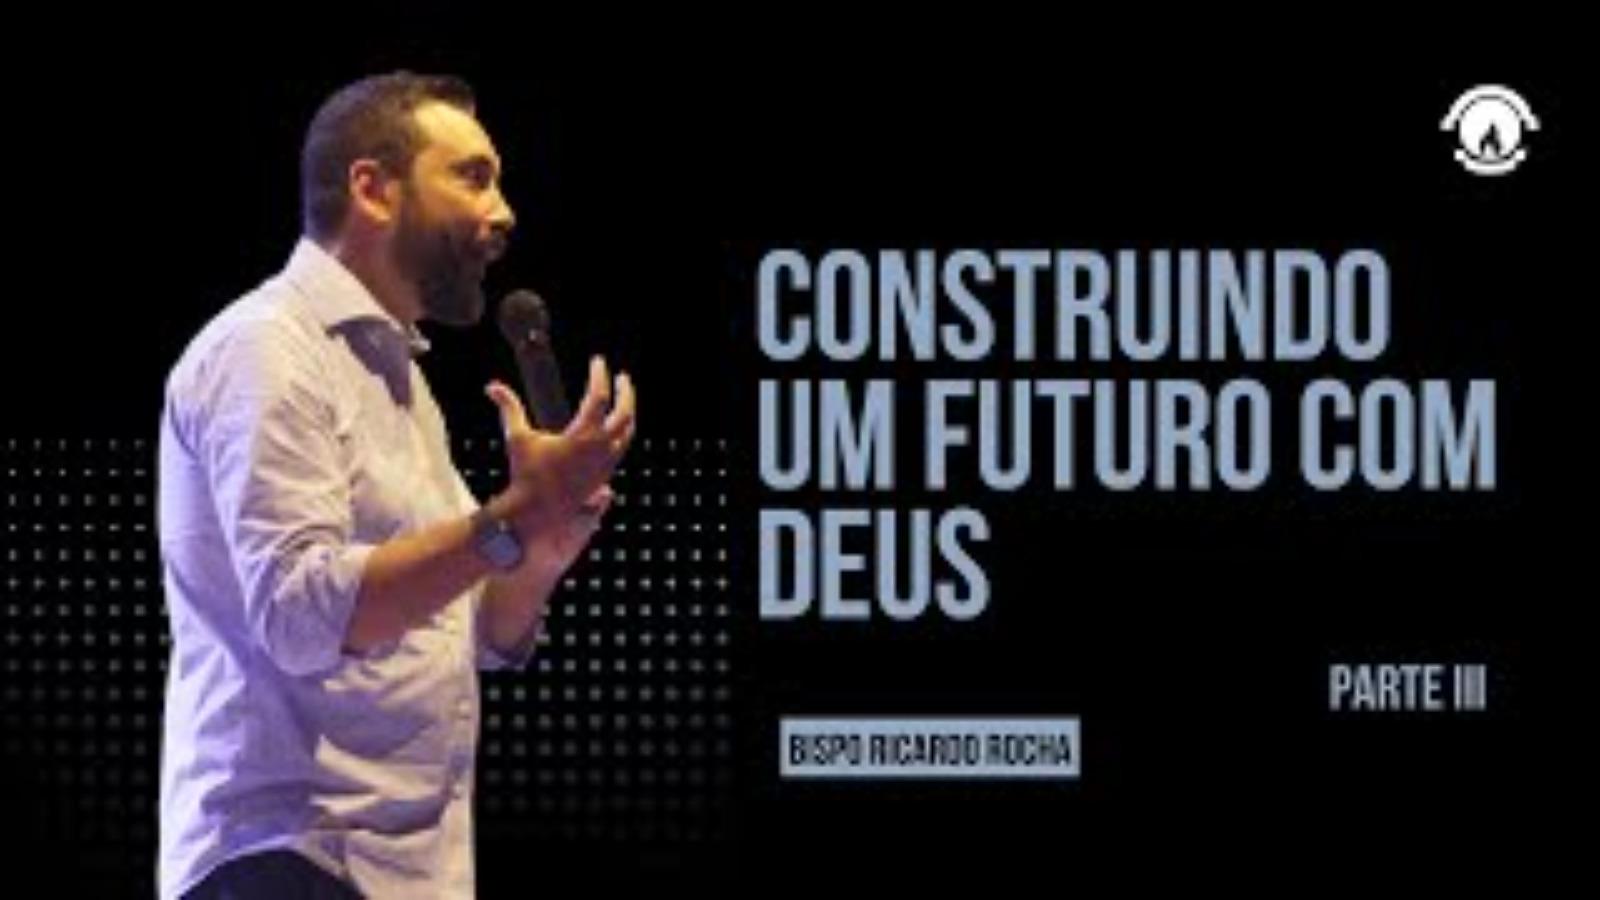 CONSTRUINDO UM FUTURO COM DEUS - PARTE III